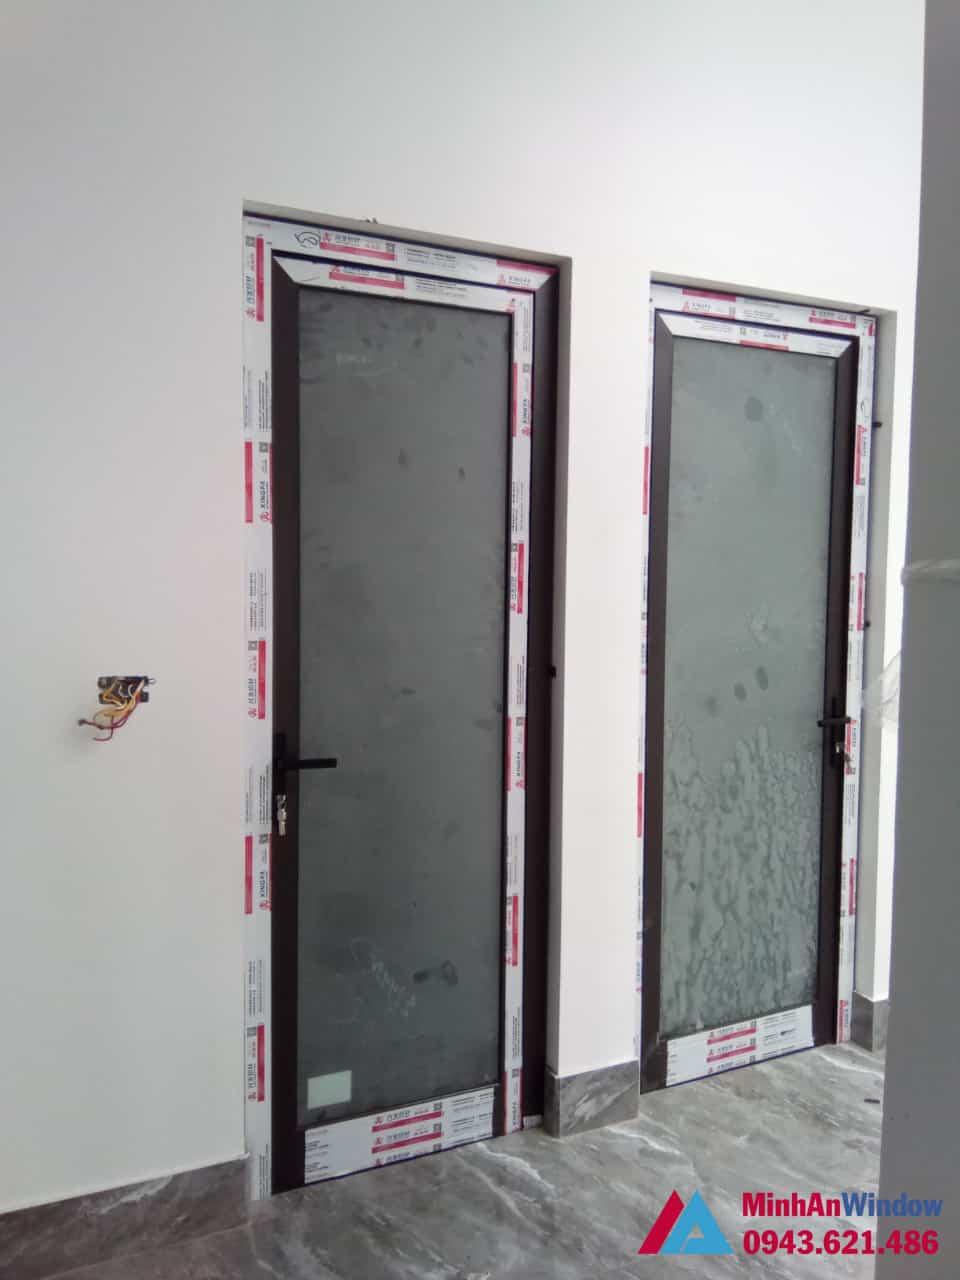 Mẫu cửa đi nhôm kính 1 cánh lắp đặt tại quận Cầu Giấy